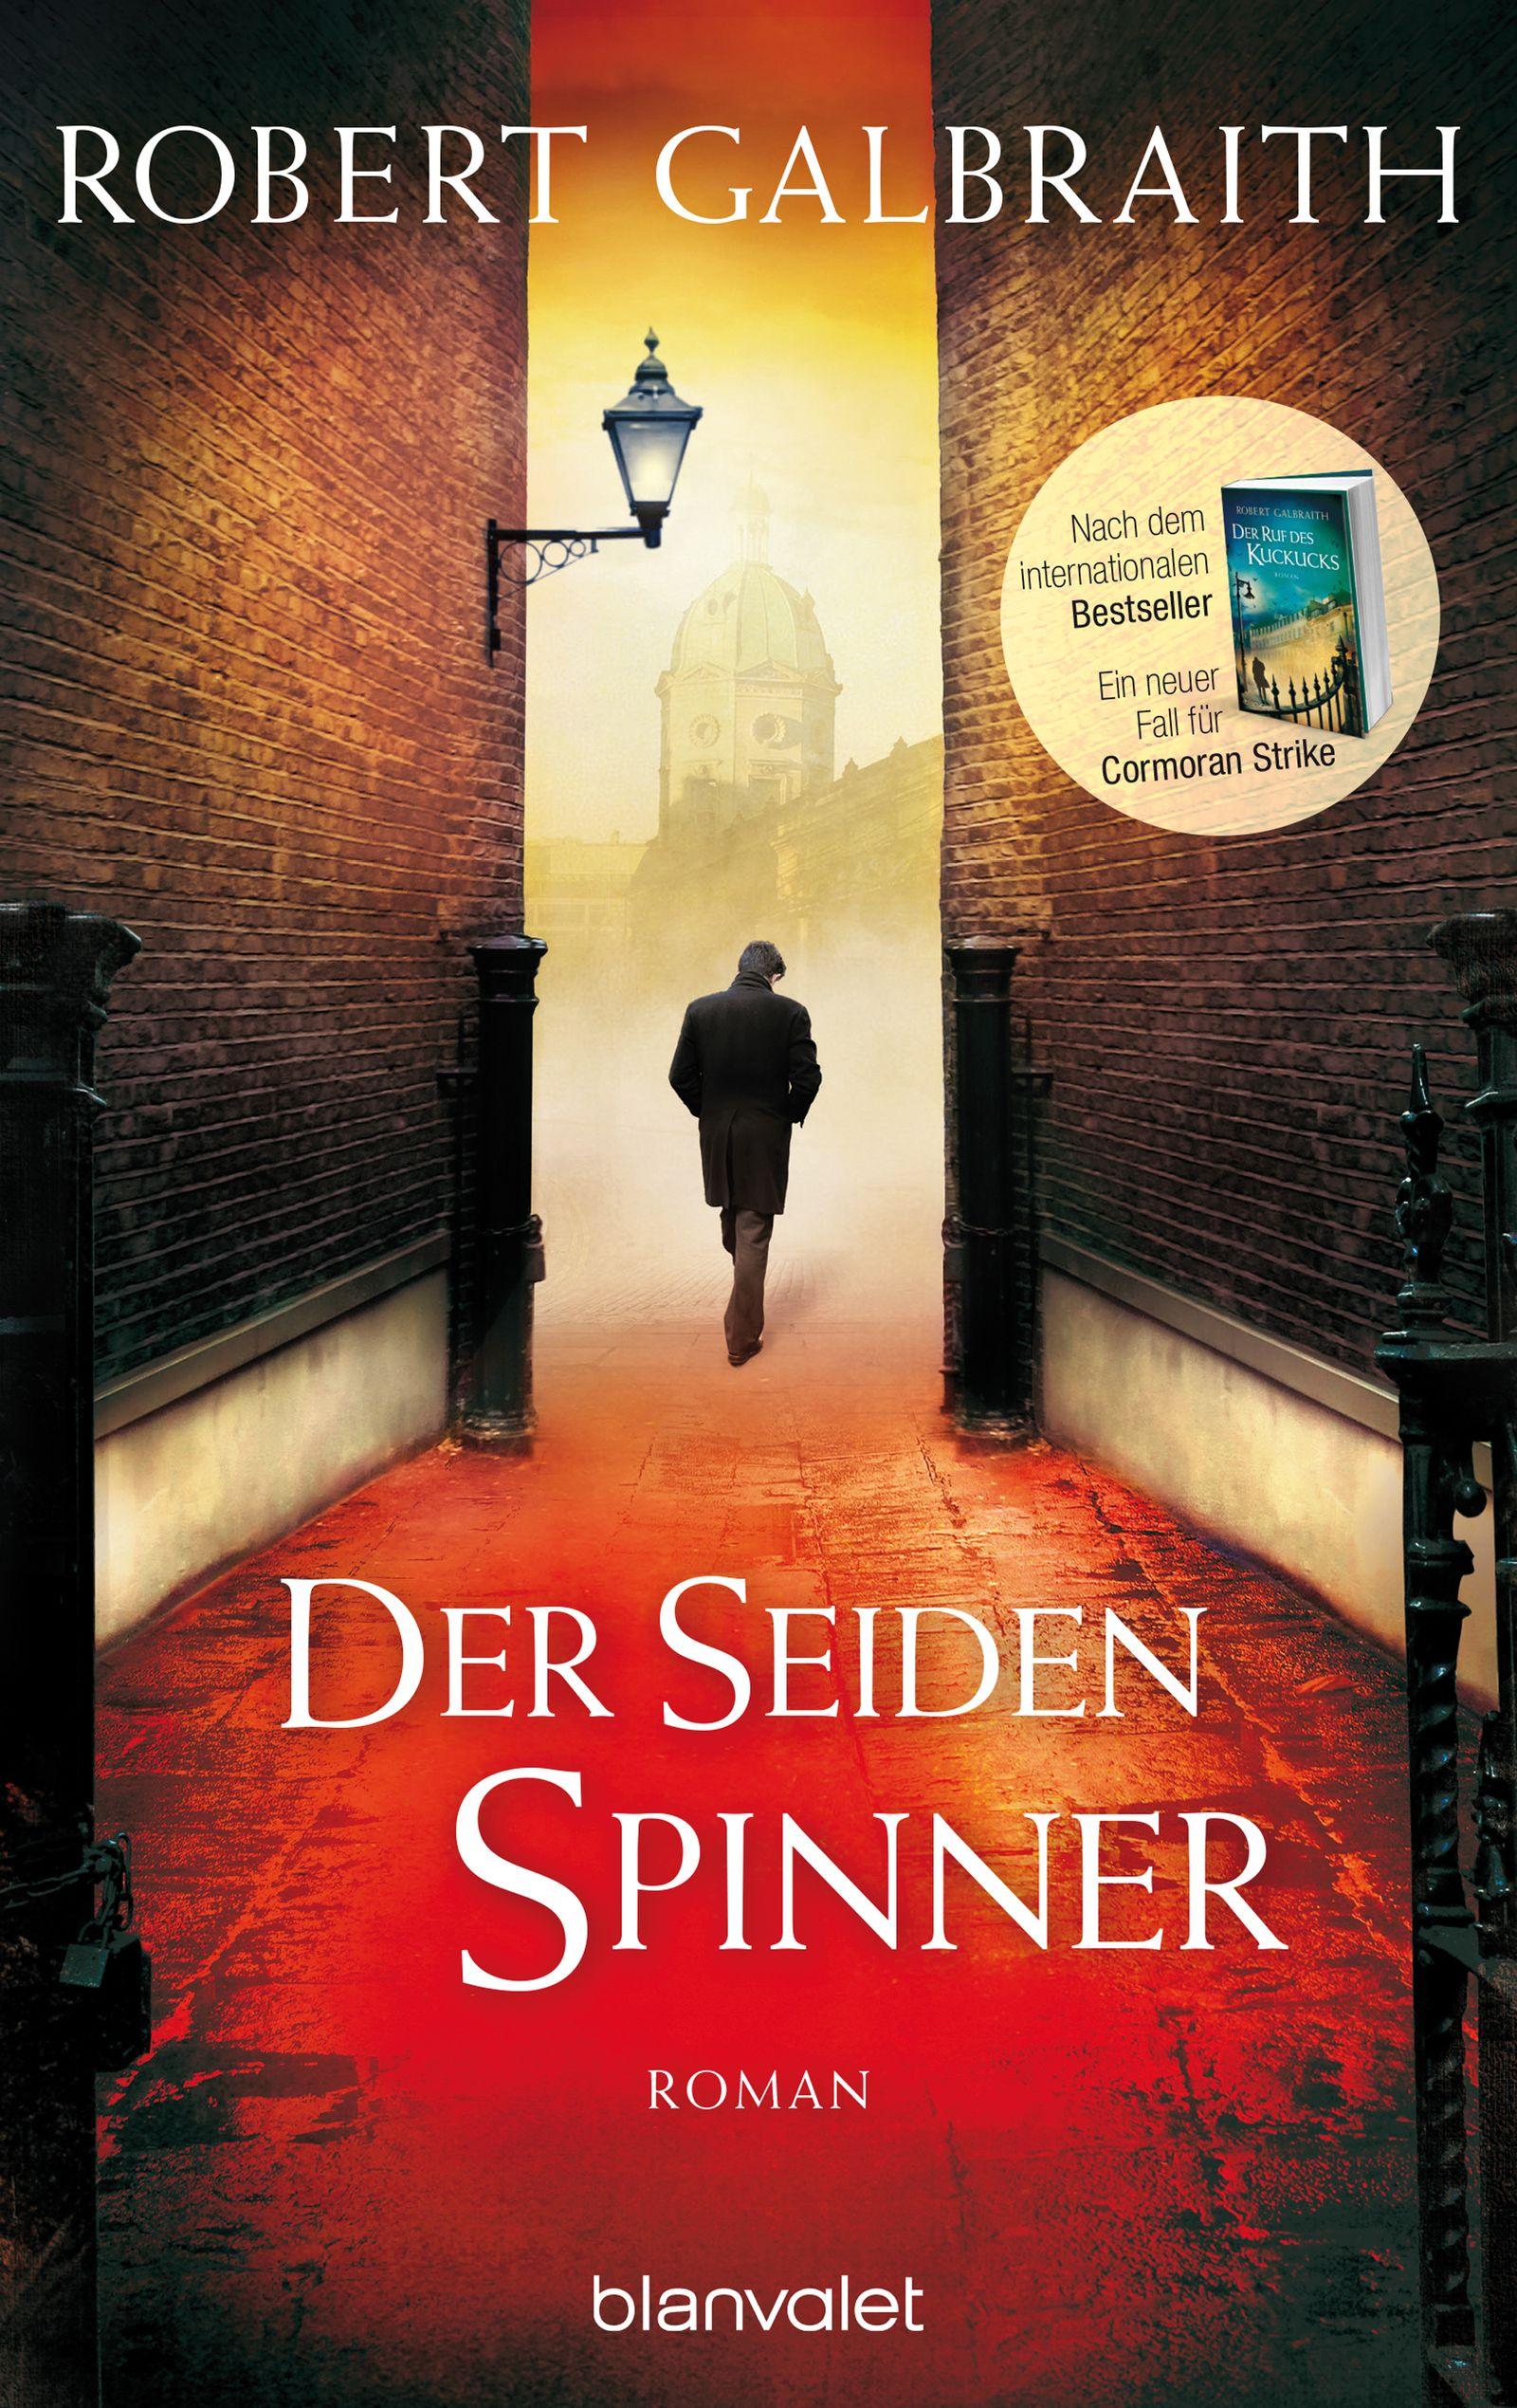 Buch/ Robert Galbraith J.K. Rowling: Der Seidenspinner COVER